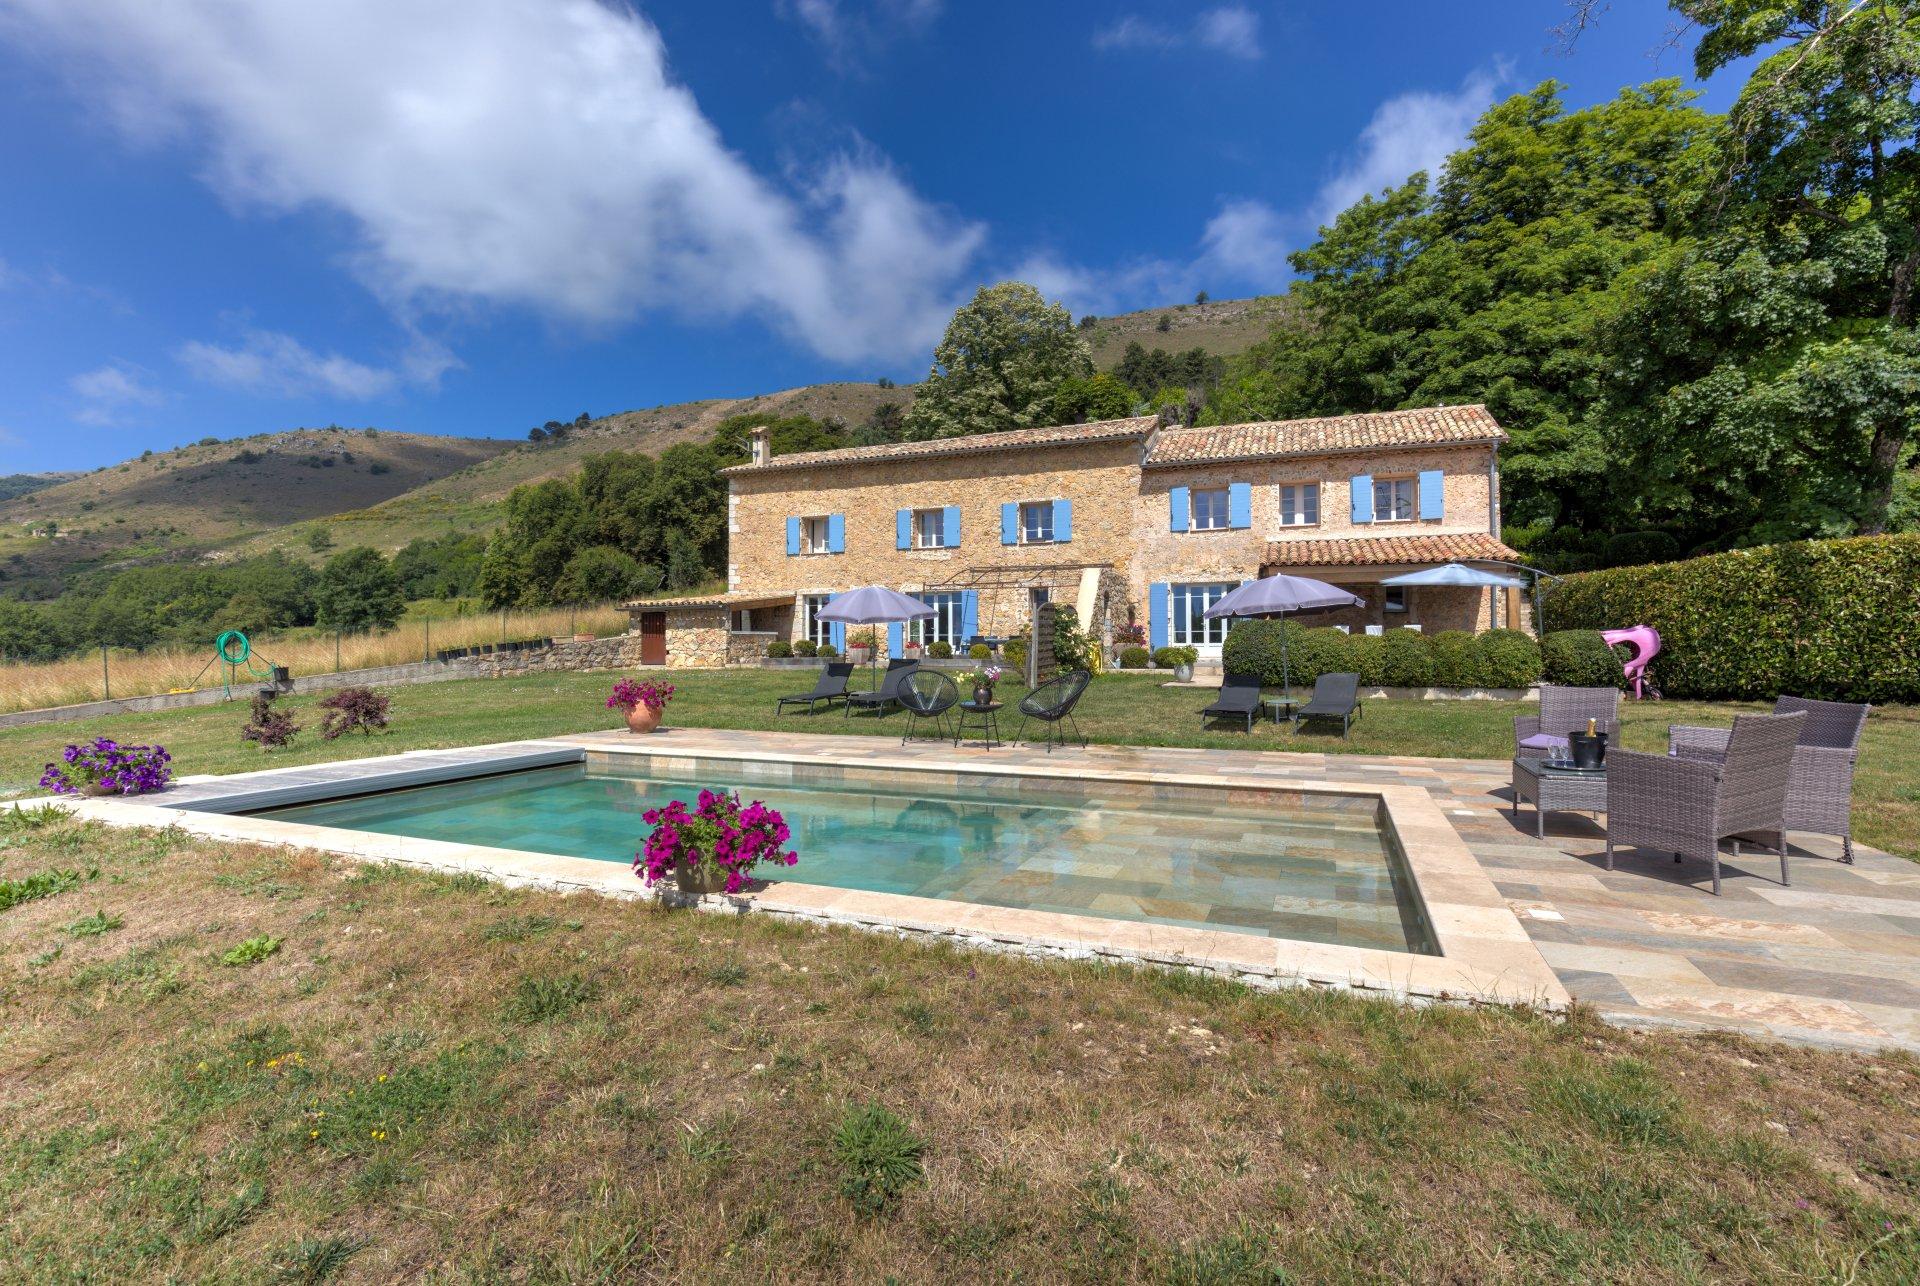 Verkauf Haus - Tourrettes-sur-Loup - Frankreich